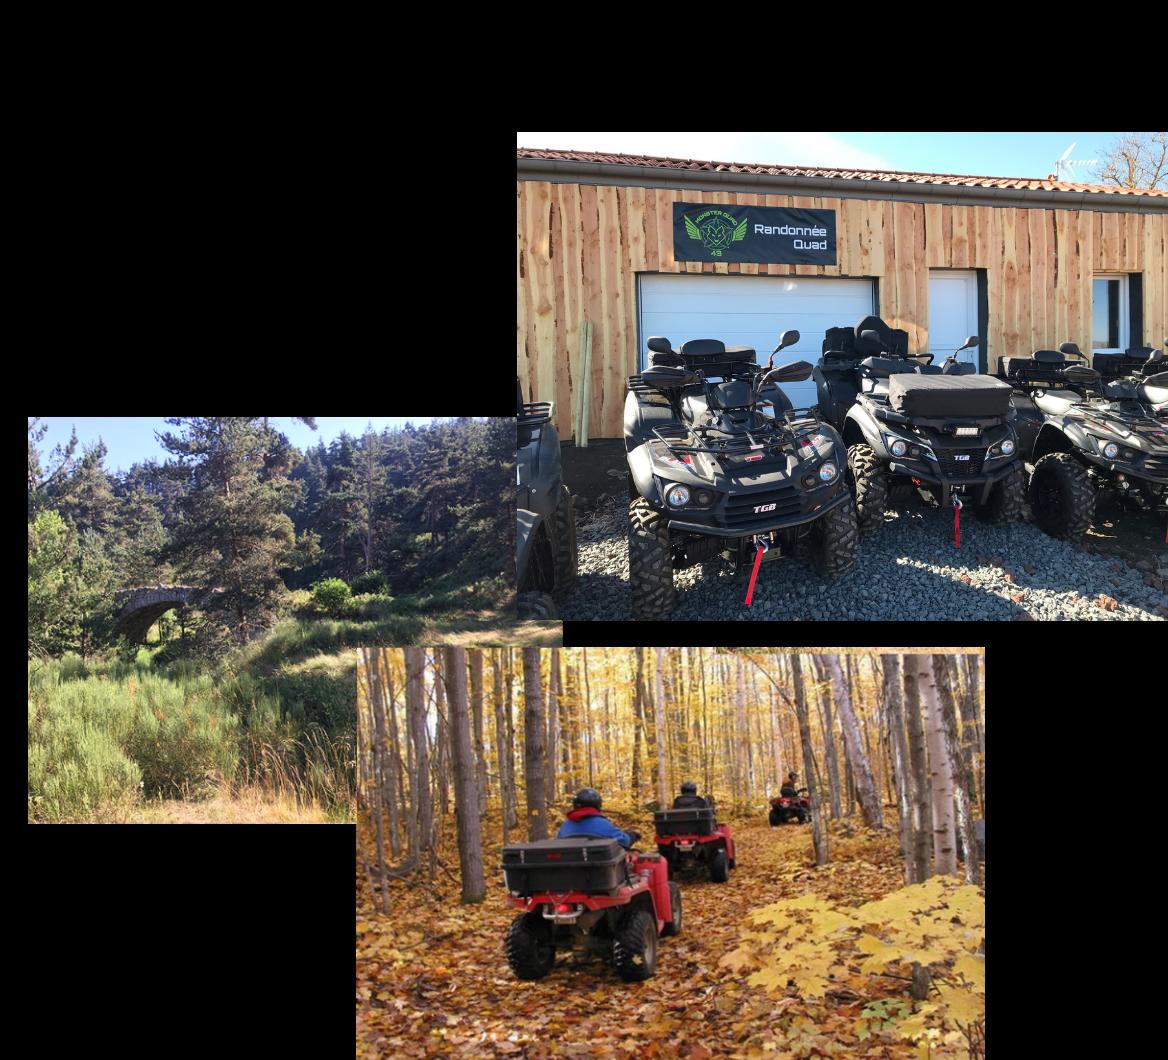 Randonnées en quad à Arlempdes